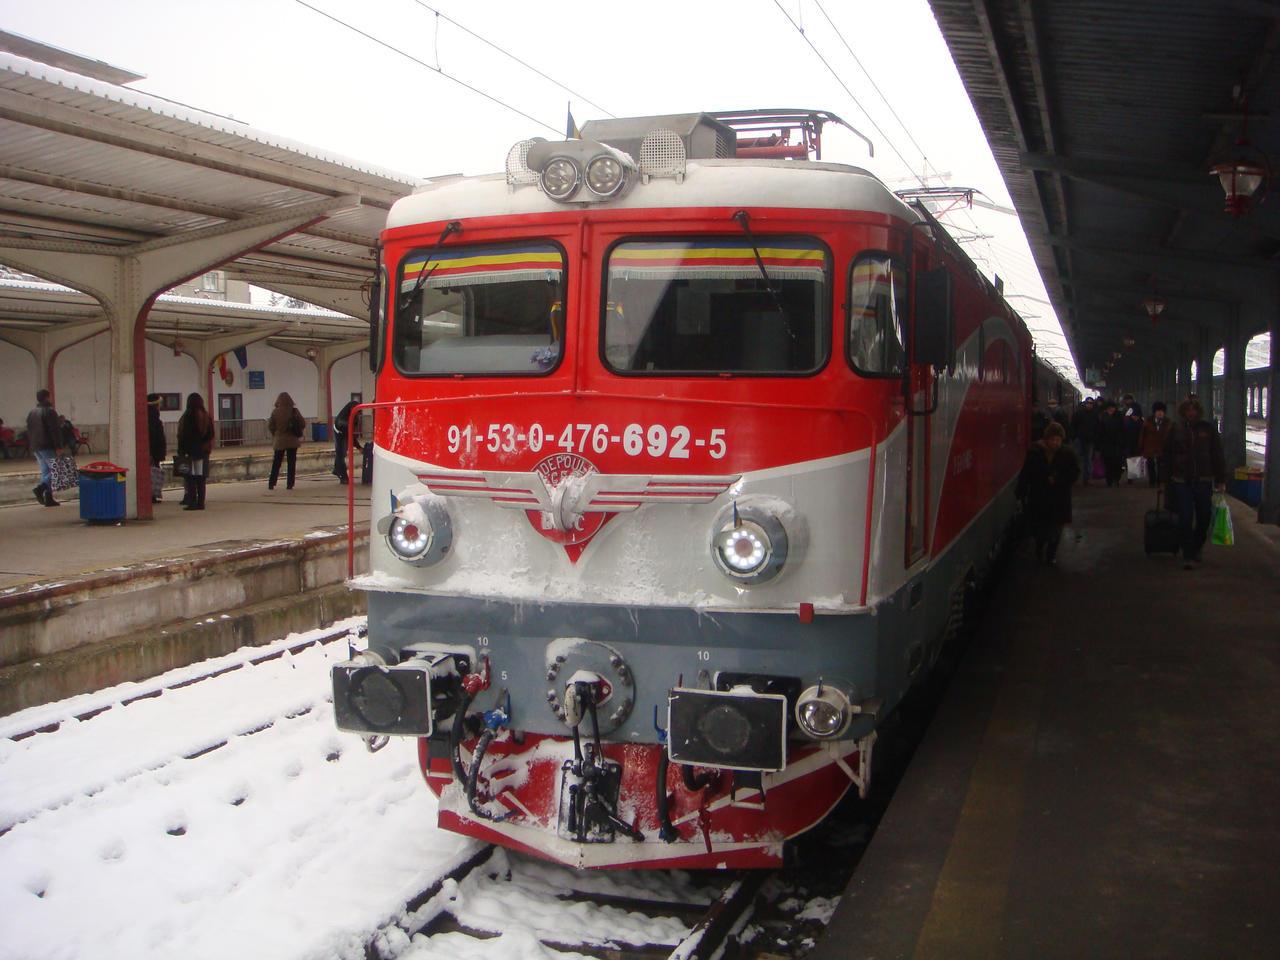 91-53-0-476-692-5 winter 1 by MaTtRuLLz